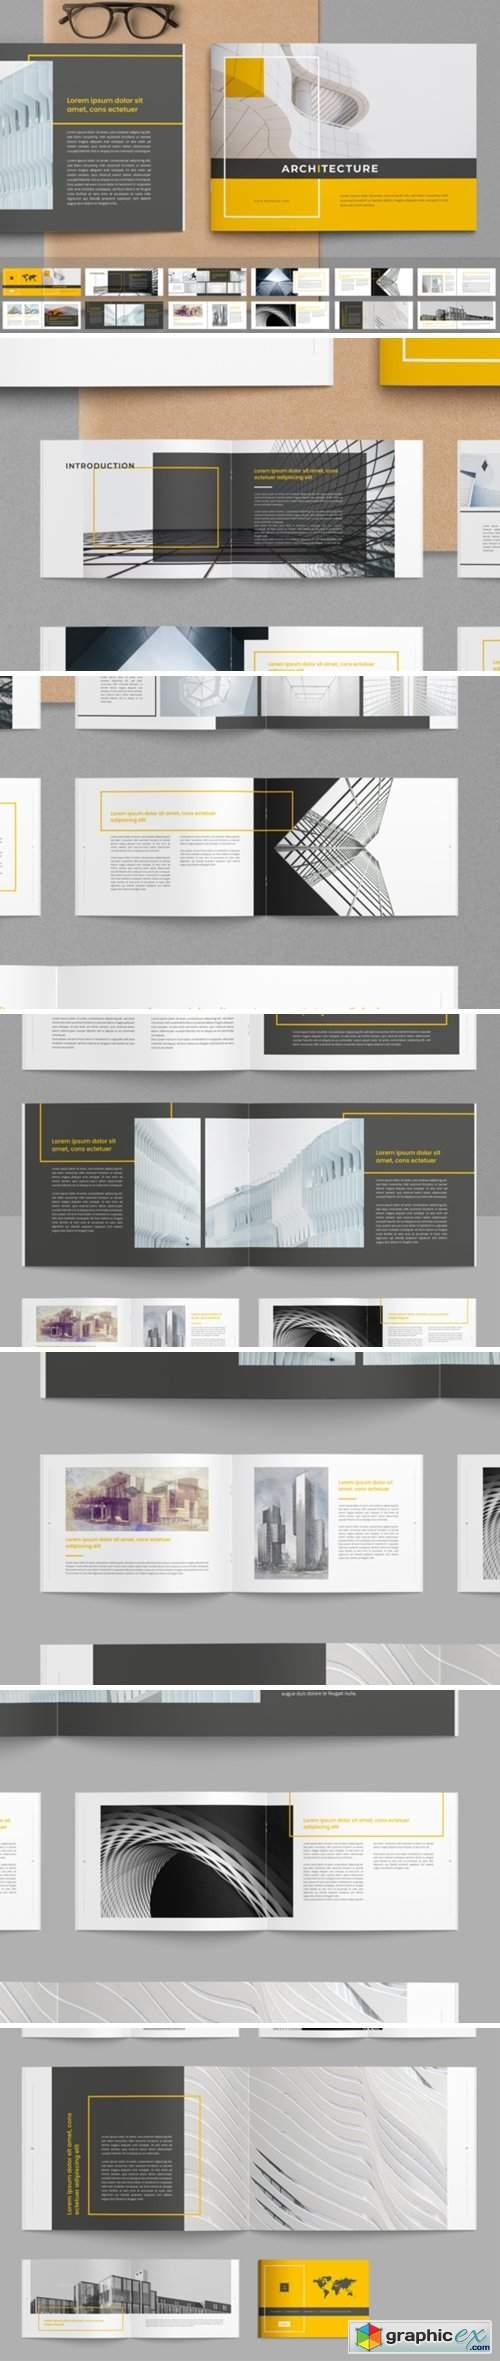 Architecture Brochure 7858580